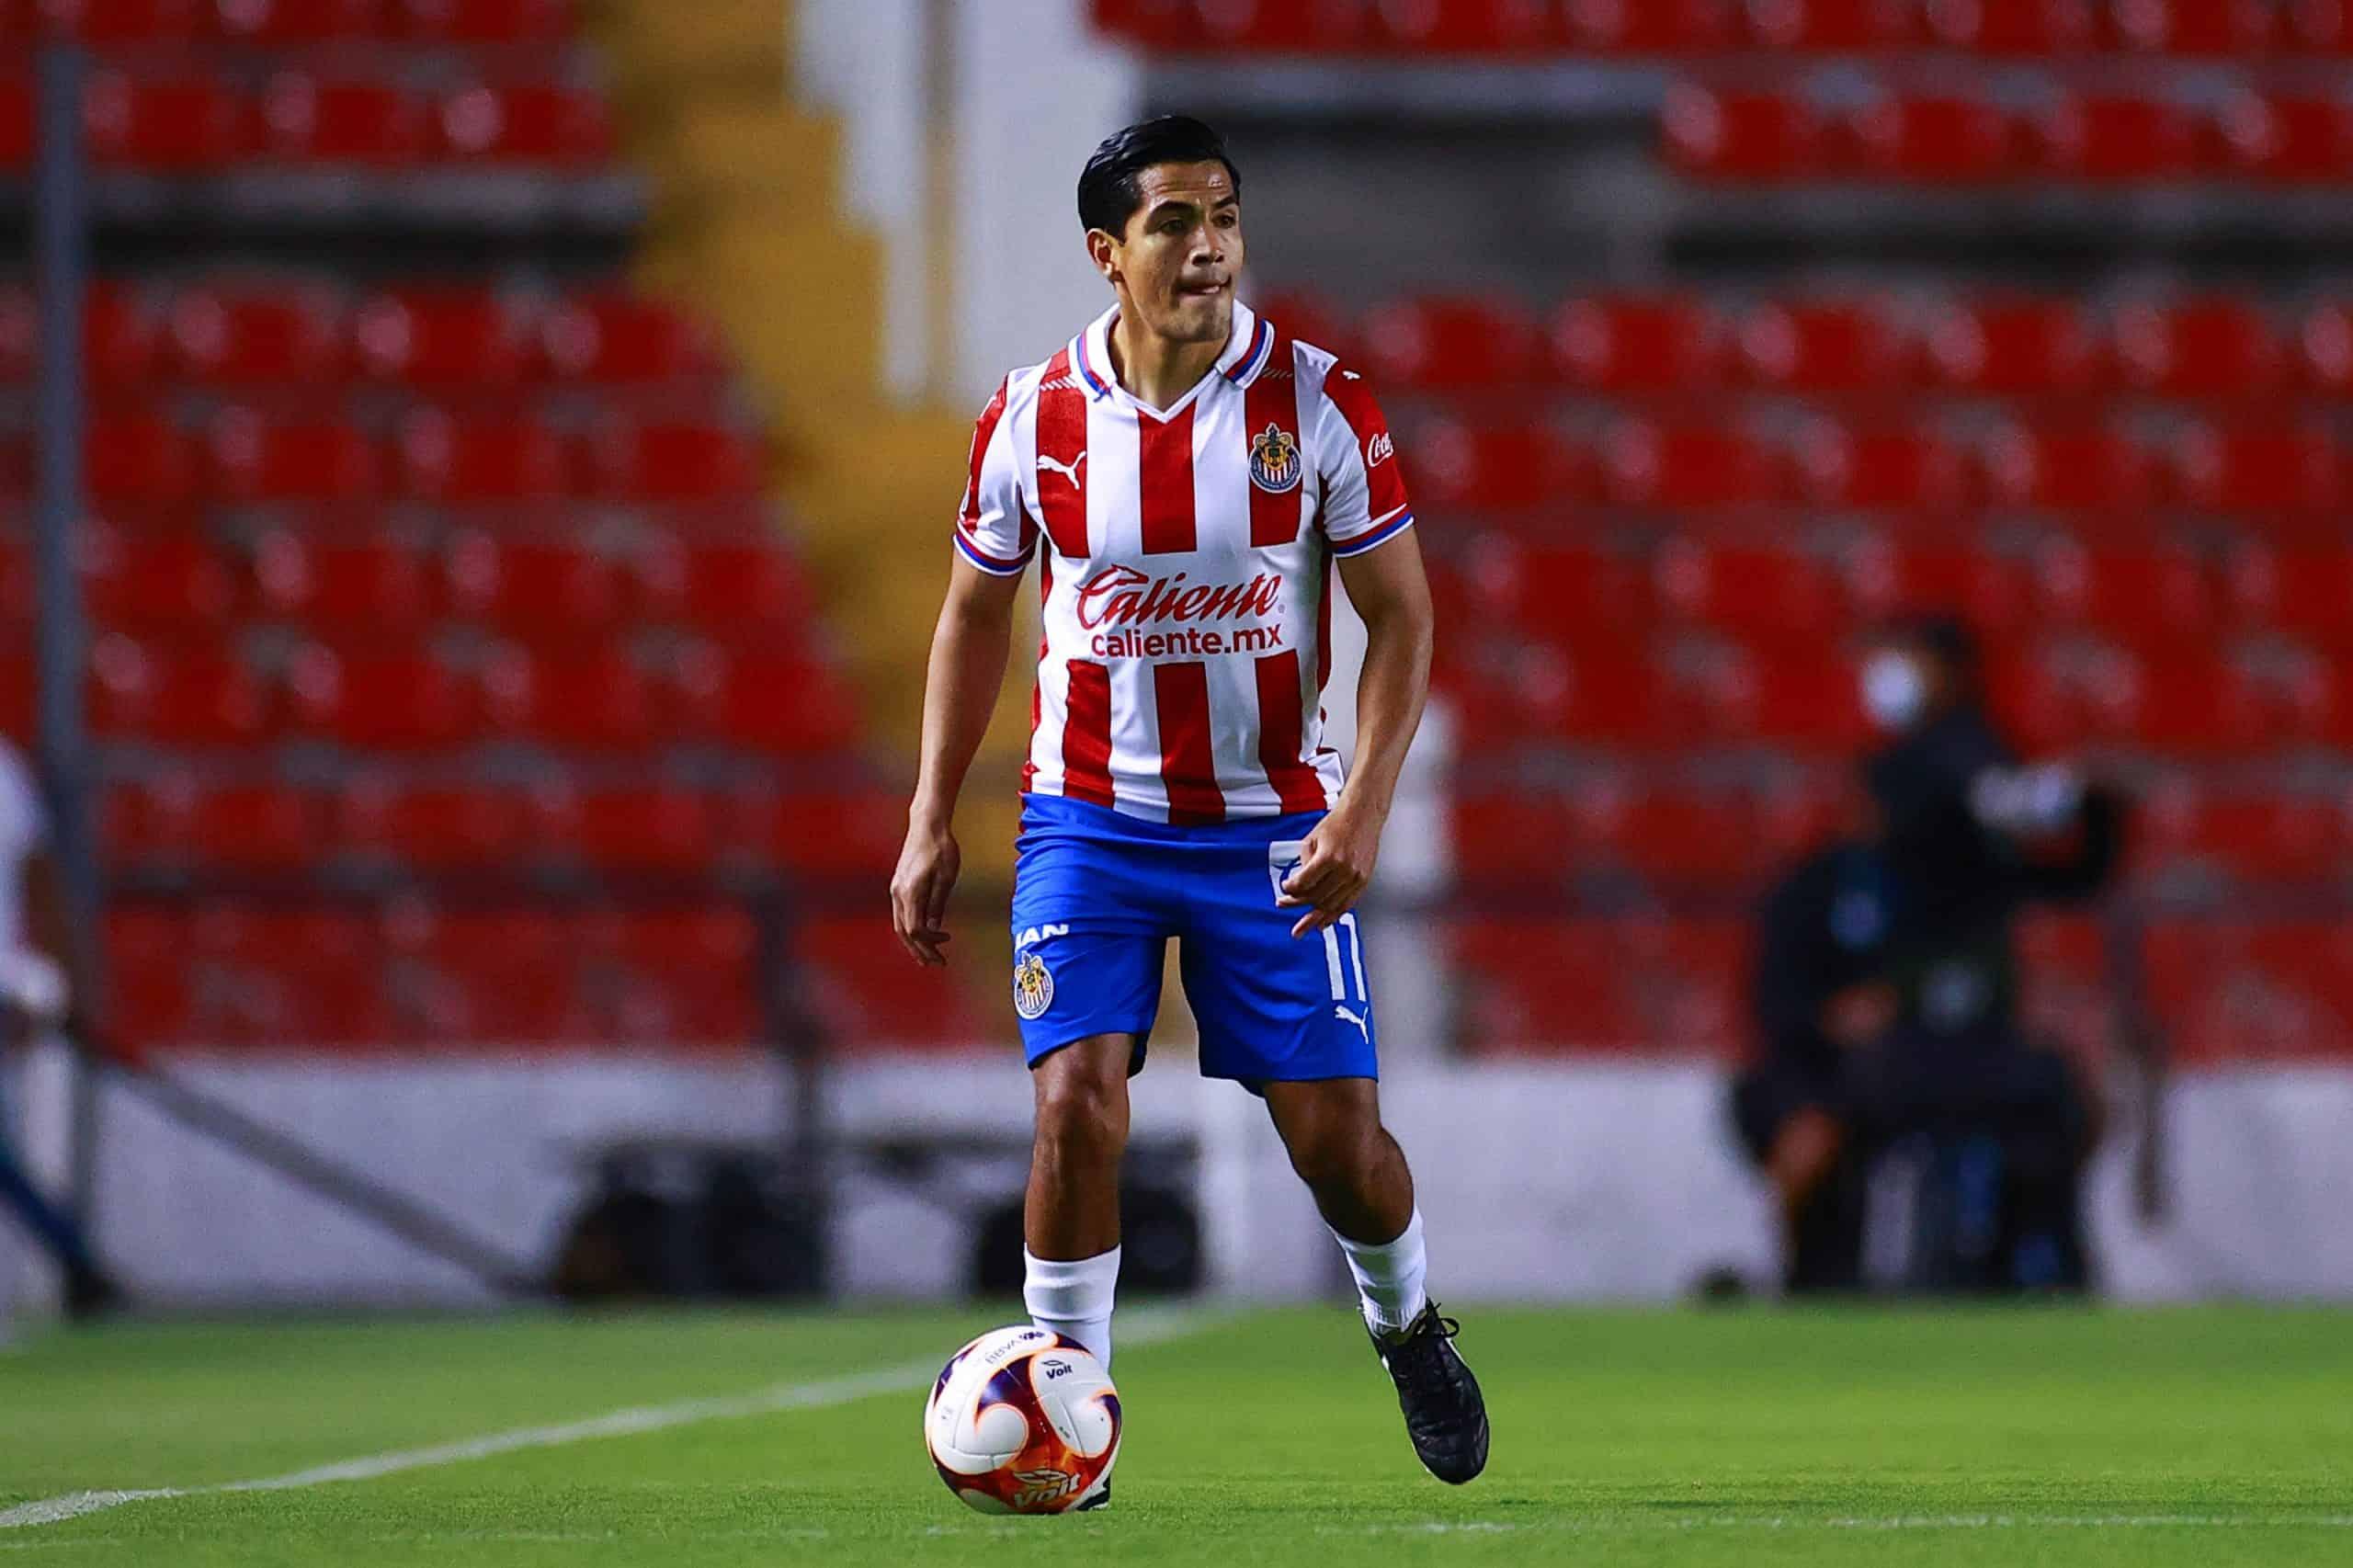 Jesús Sánchez asegura que Chivas no tiene presión por calificar a la Liguilla